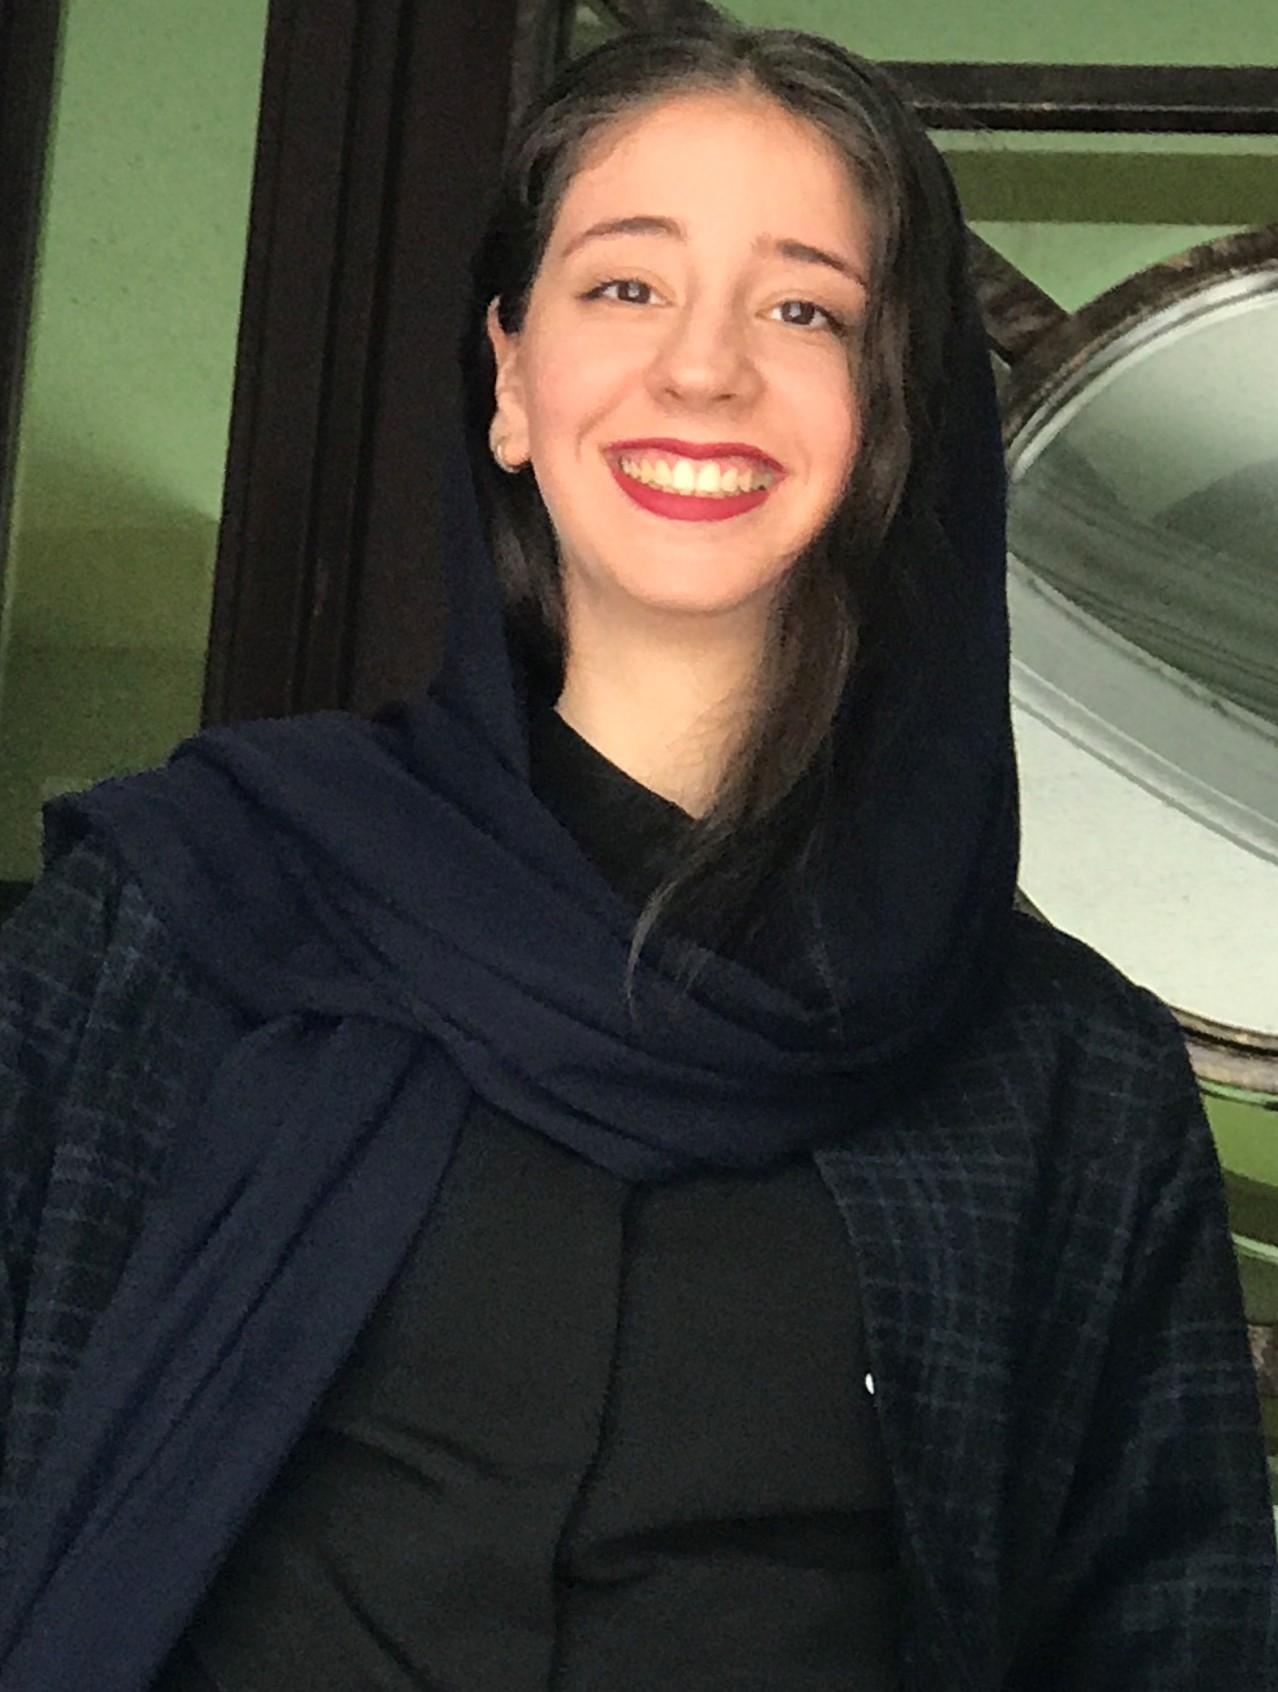 Tina Anoosheh